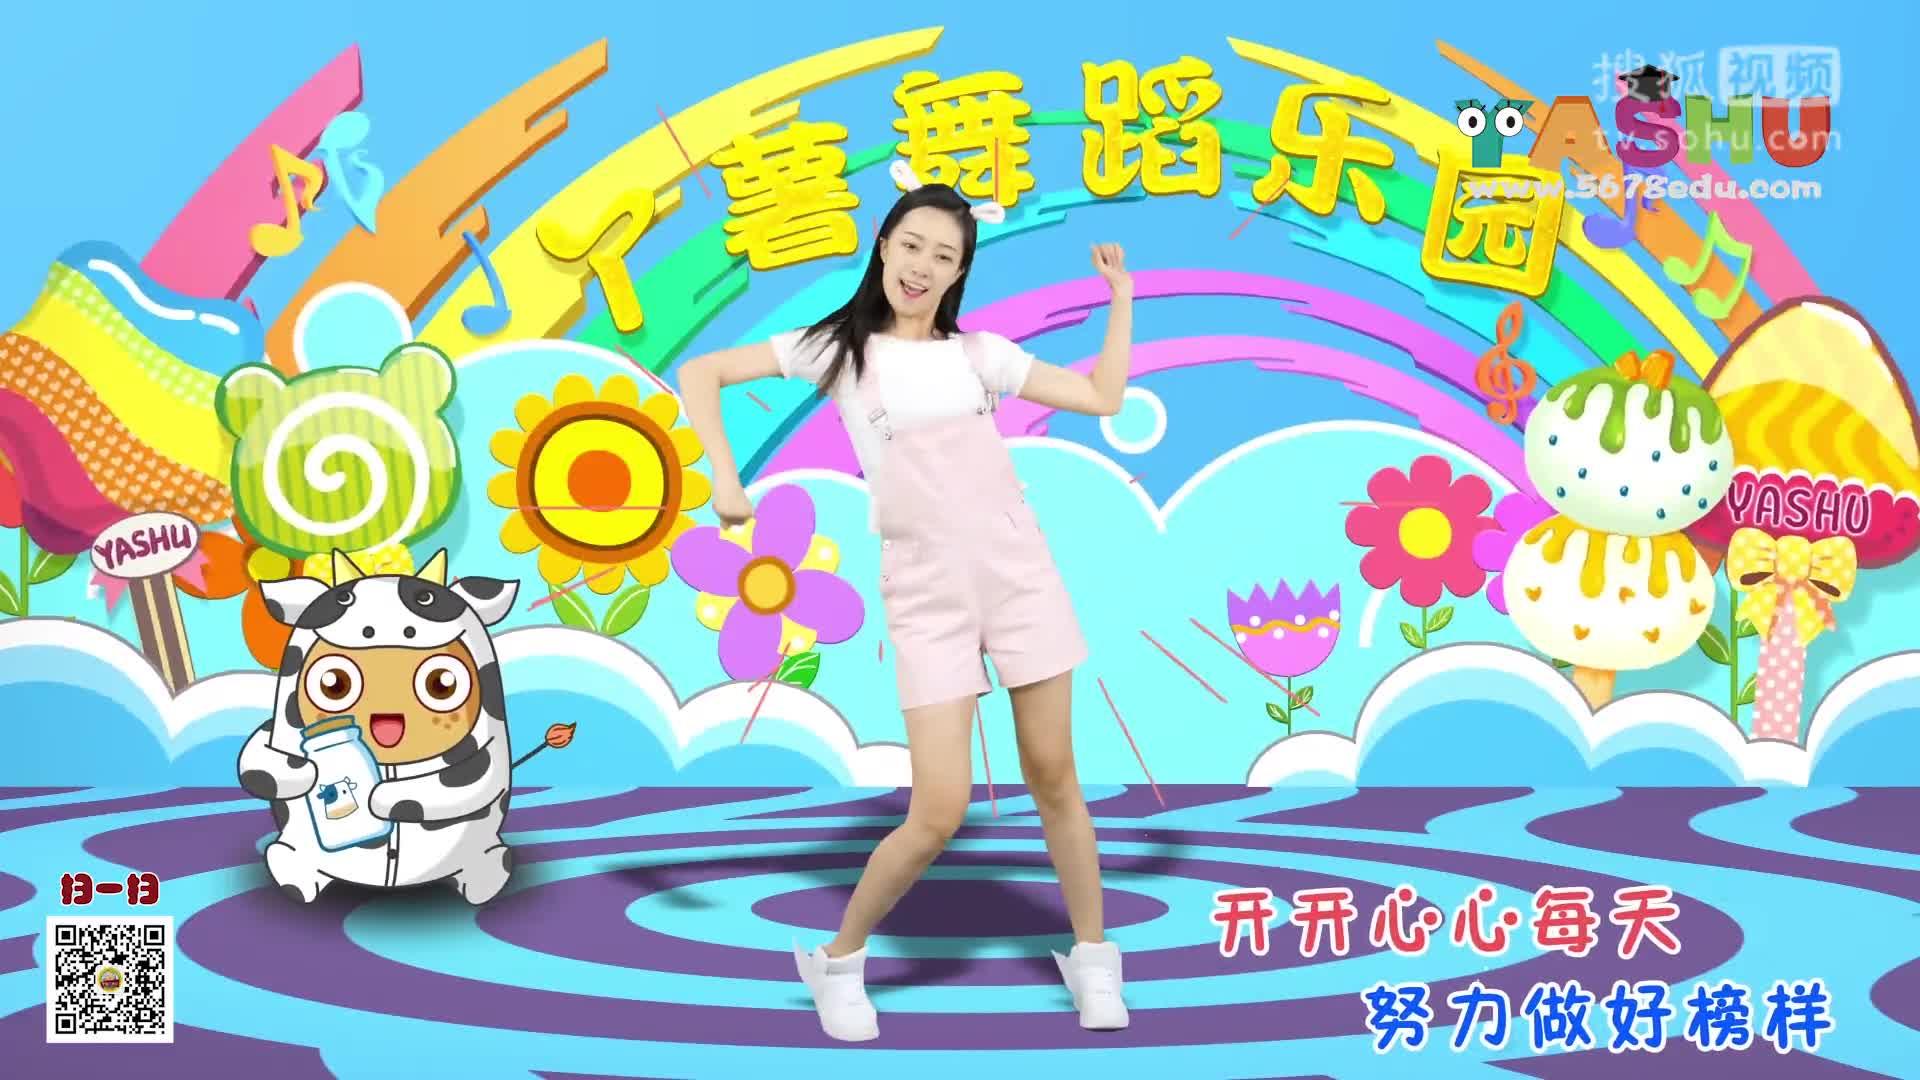 《牛奶健康歌》幼儿舞蹈少儿歌曲幼儿园律动六一儿童节舞蹈幼师